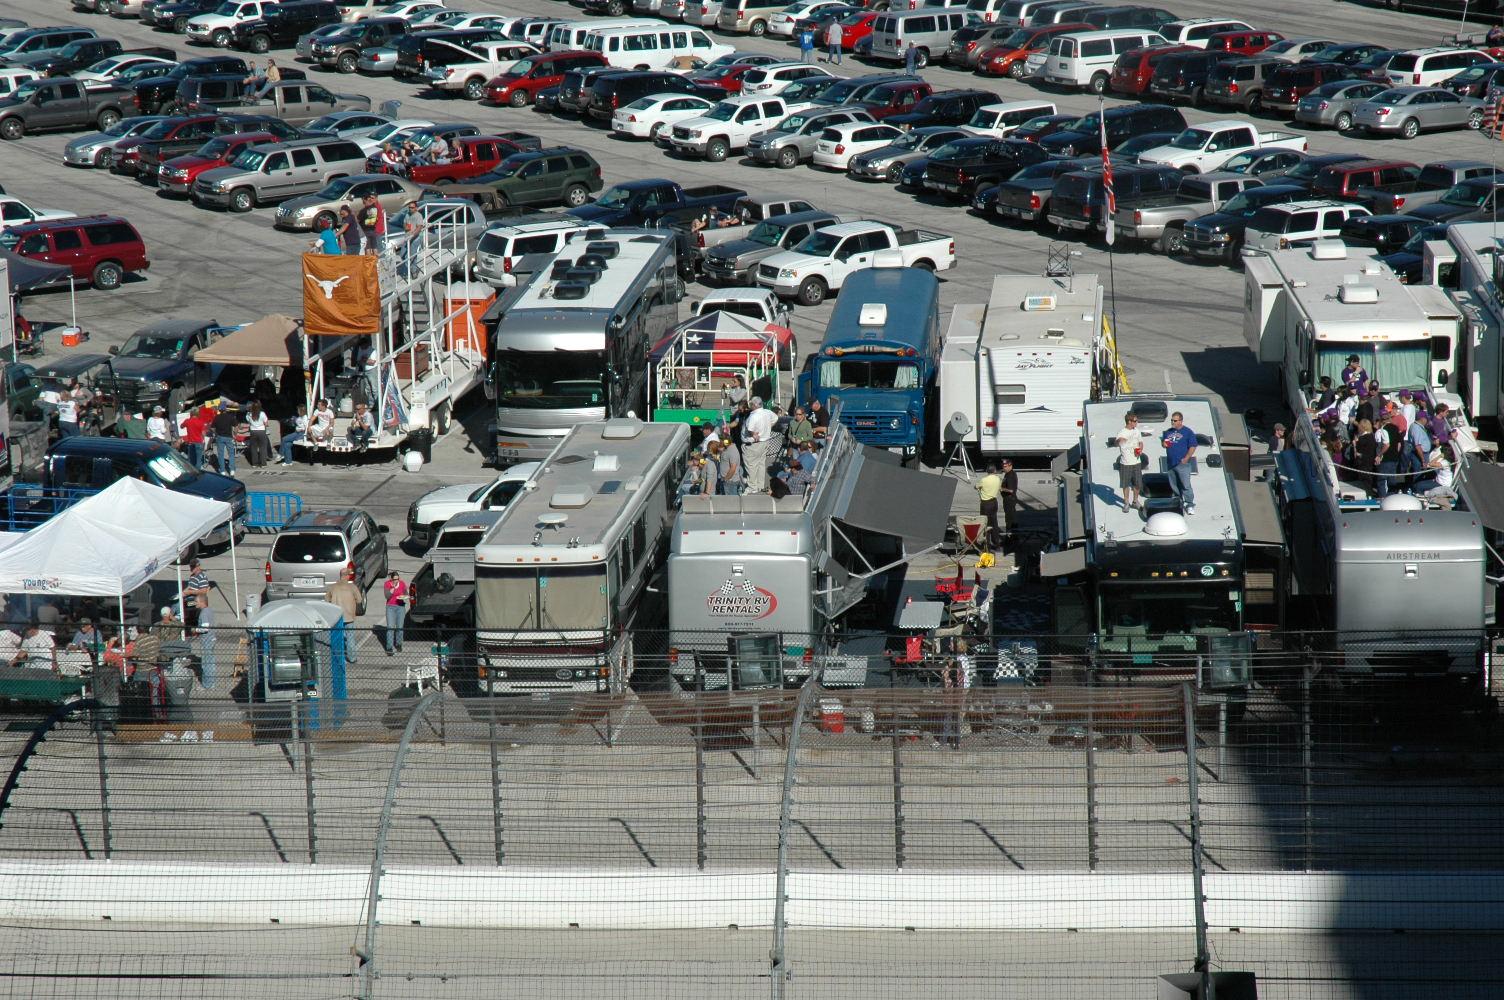 Texas motor speedway rv parking for Las vegas motor speedway rental